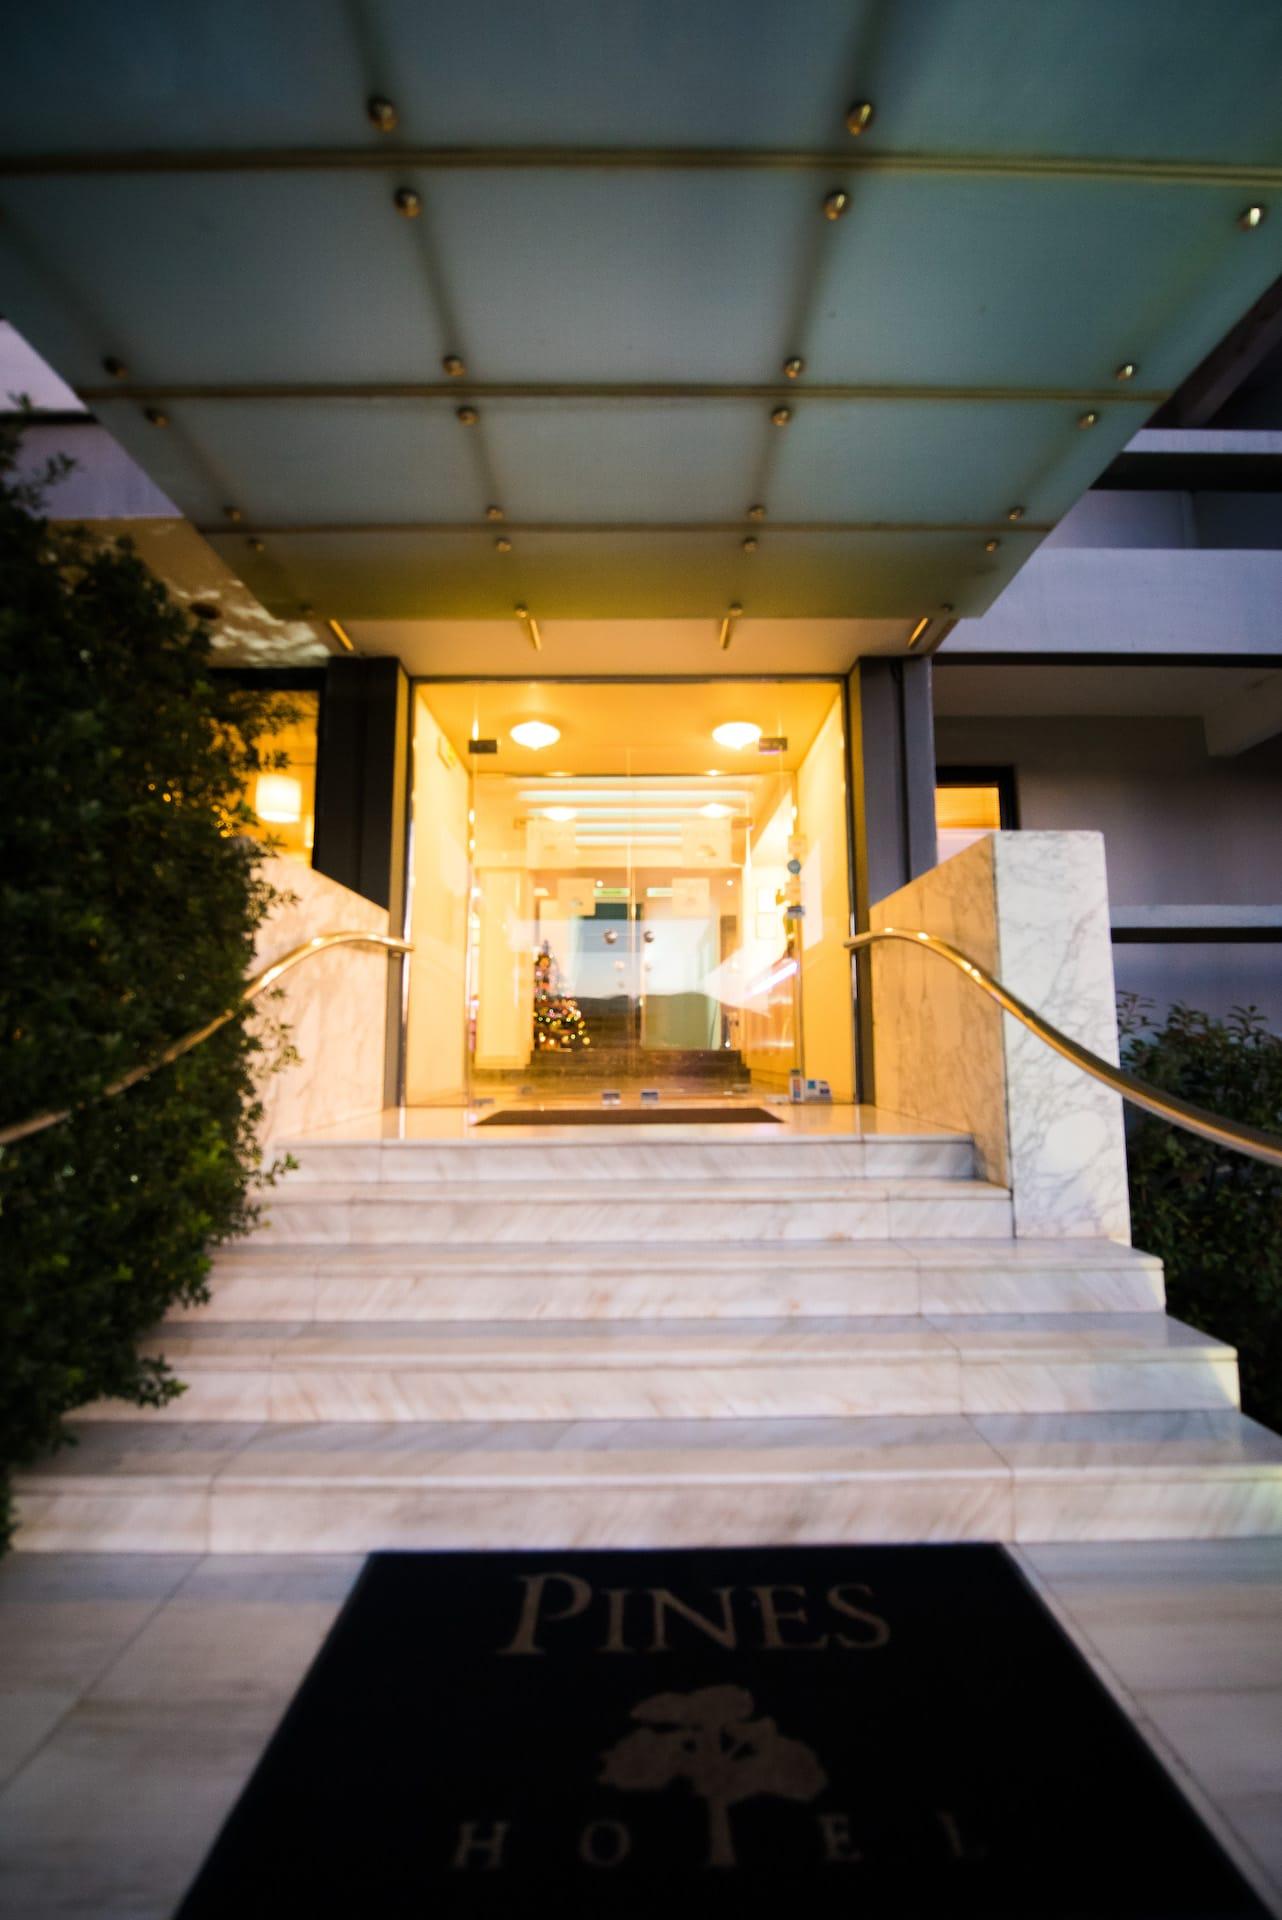 Οι σκάλες εισόδου του ξενοδοχείου Pines Hotel. Ξενοδοχείο ημιδιαμονής στα βόρεια προάστια.